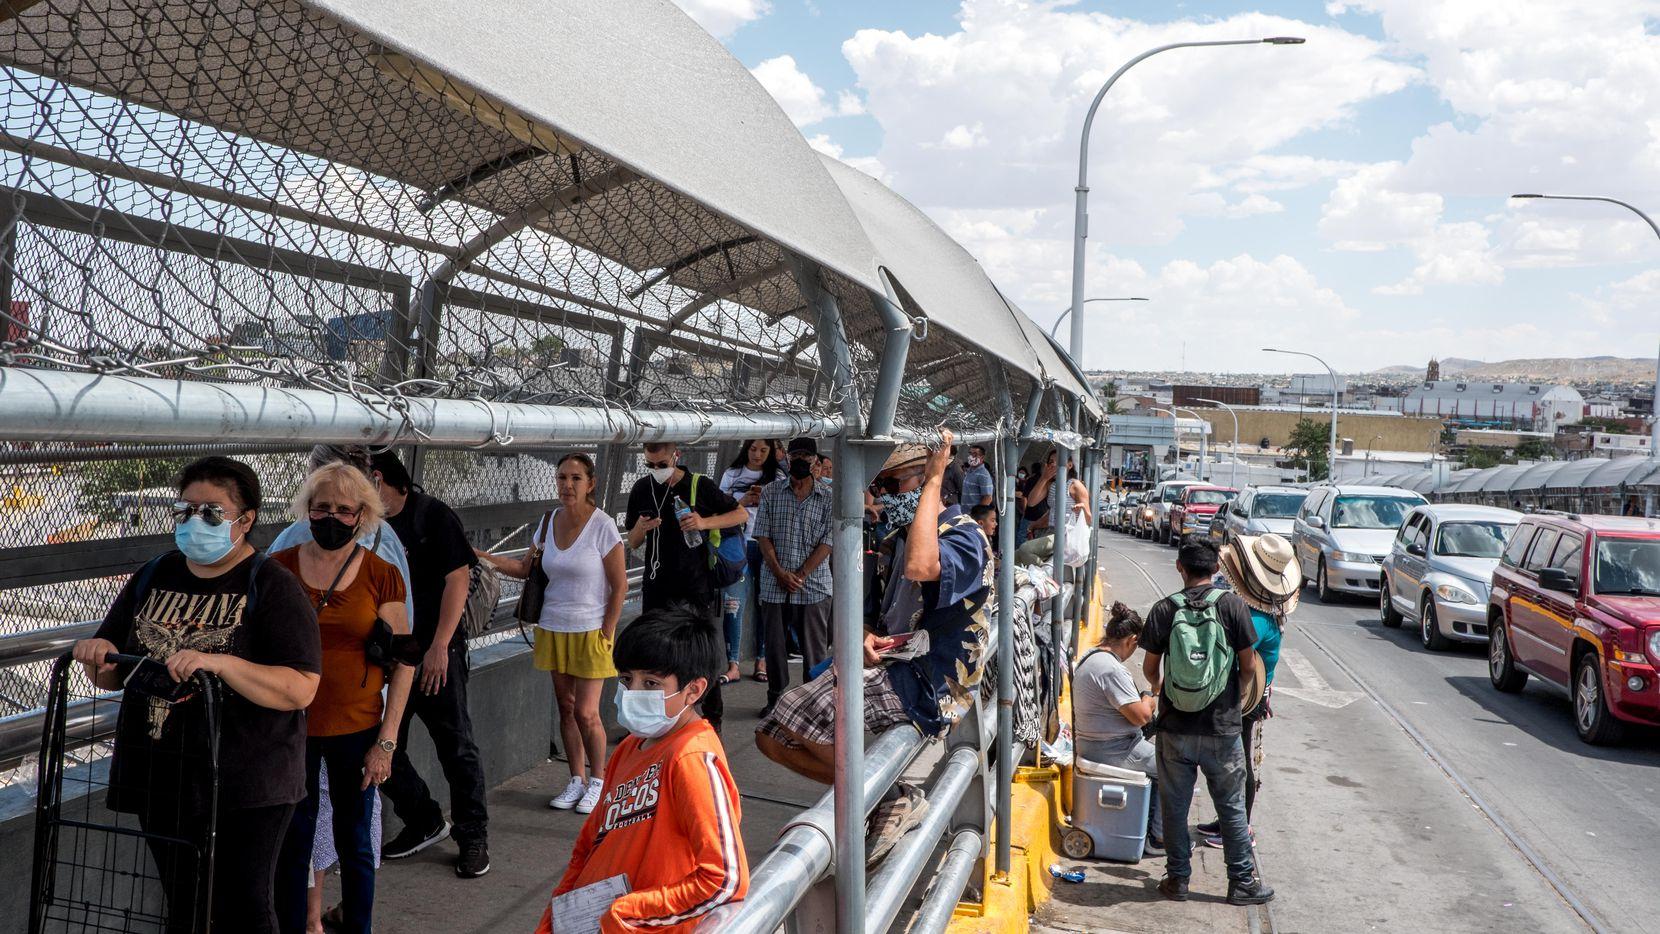 Desde el 21 de marzo, la frontera entre Estados Unidos y México permanece cerrada para el tráfico no esencial. Aun así, el flujo de personas entre ambos países es constante, como demuestra esta imagen del 26 de junio en la frontera entre Ciudad Juárez y El Paso.